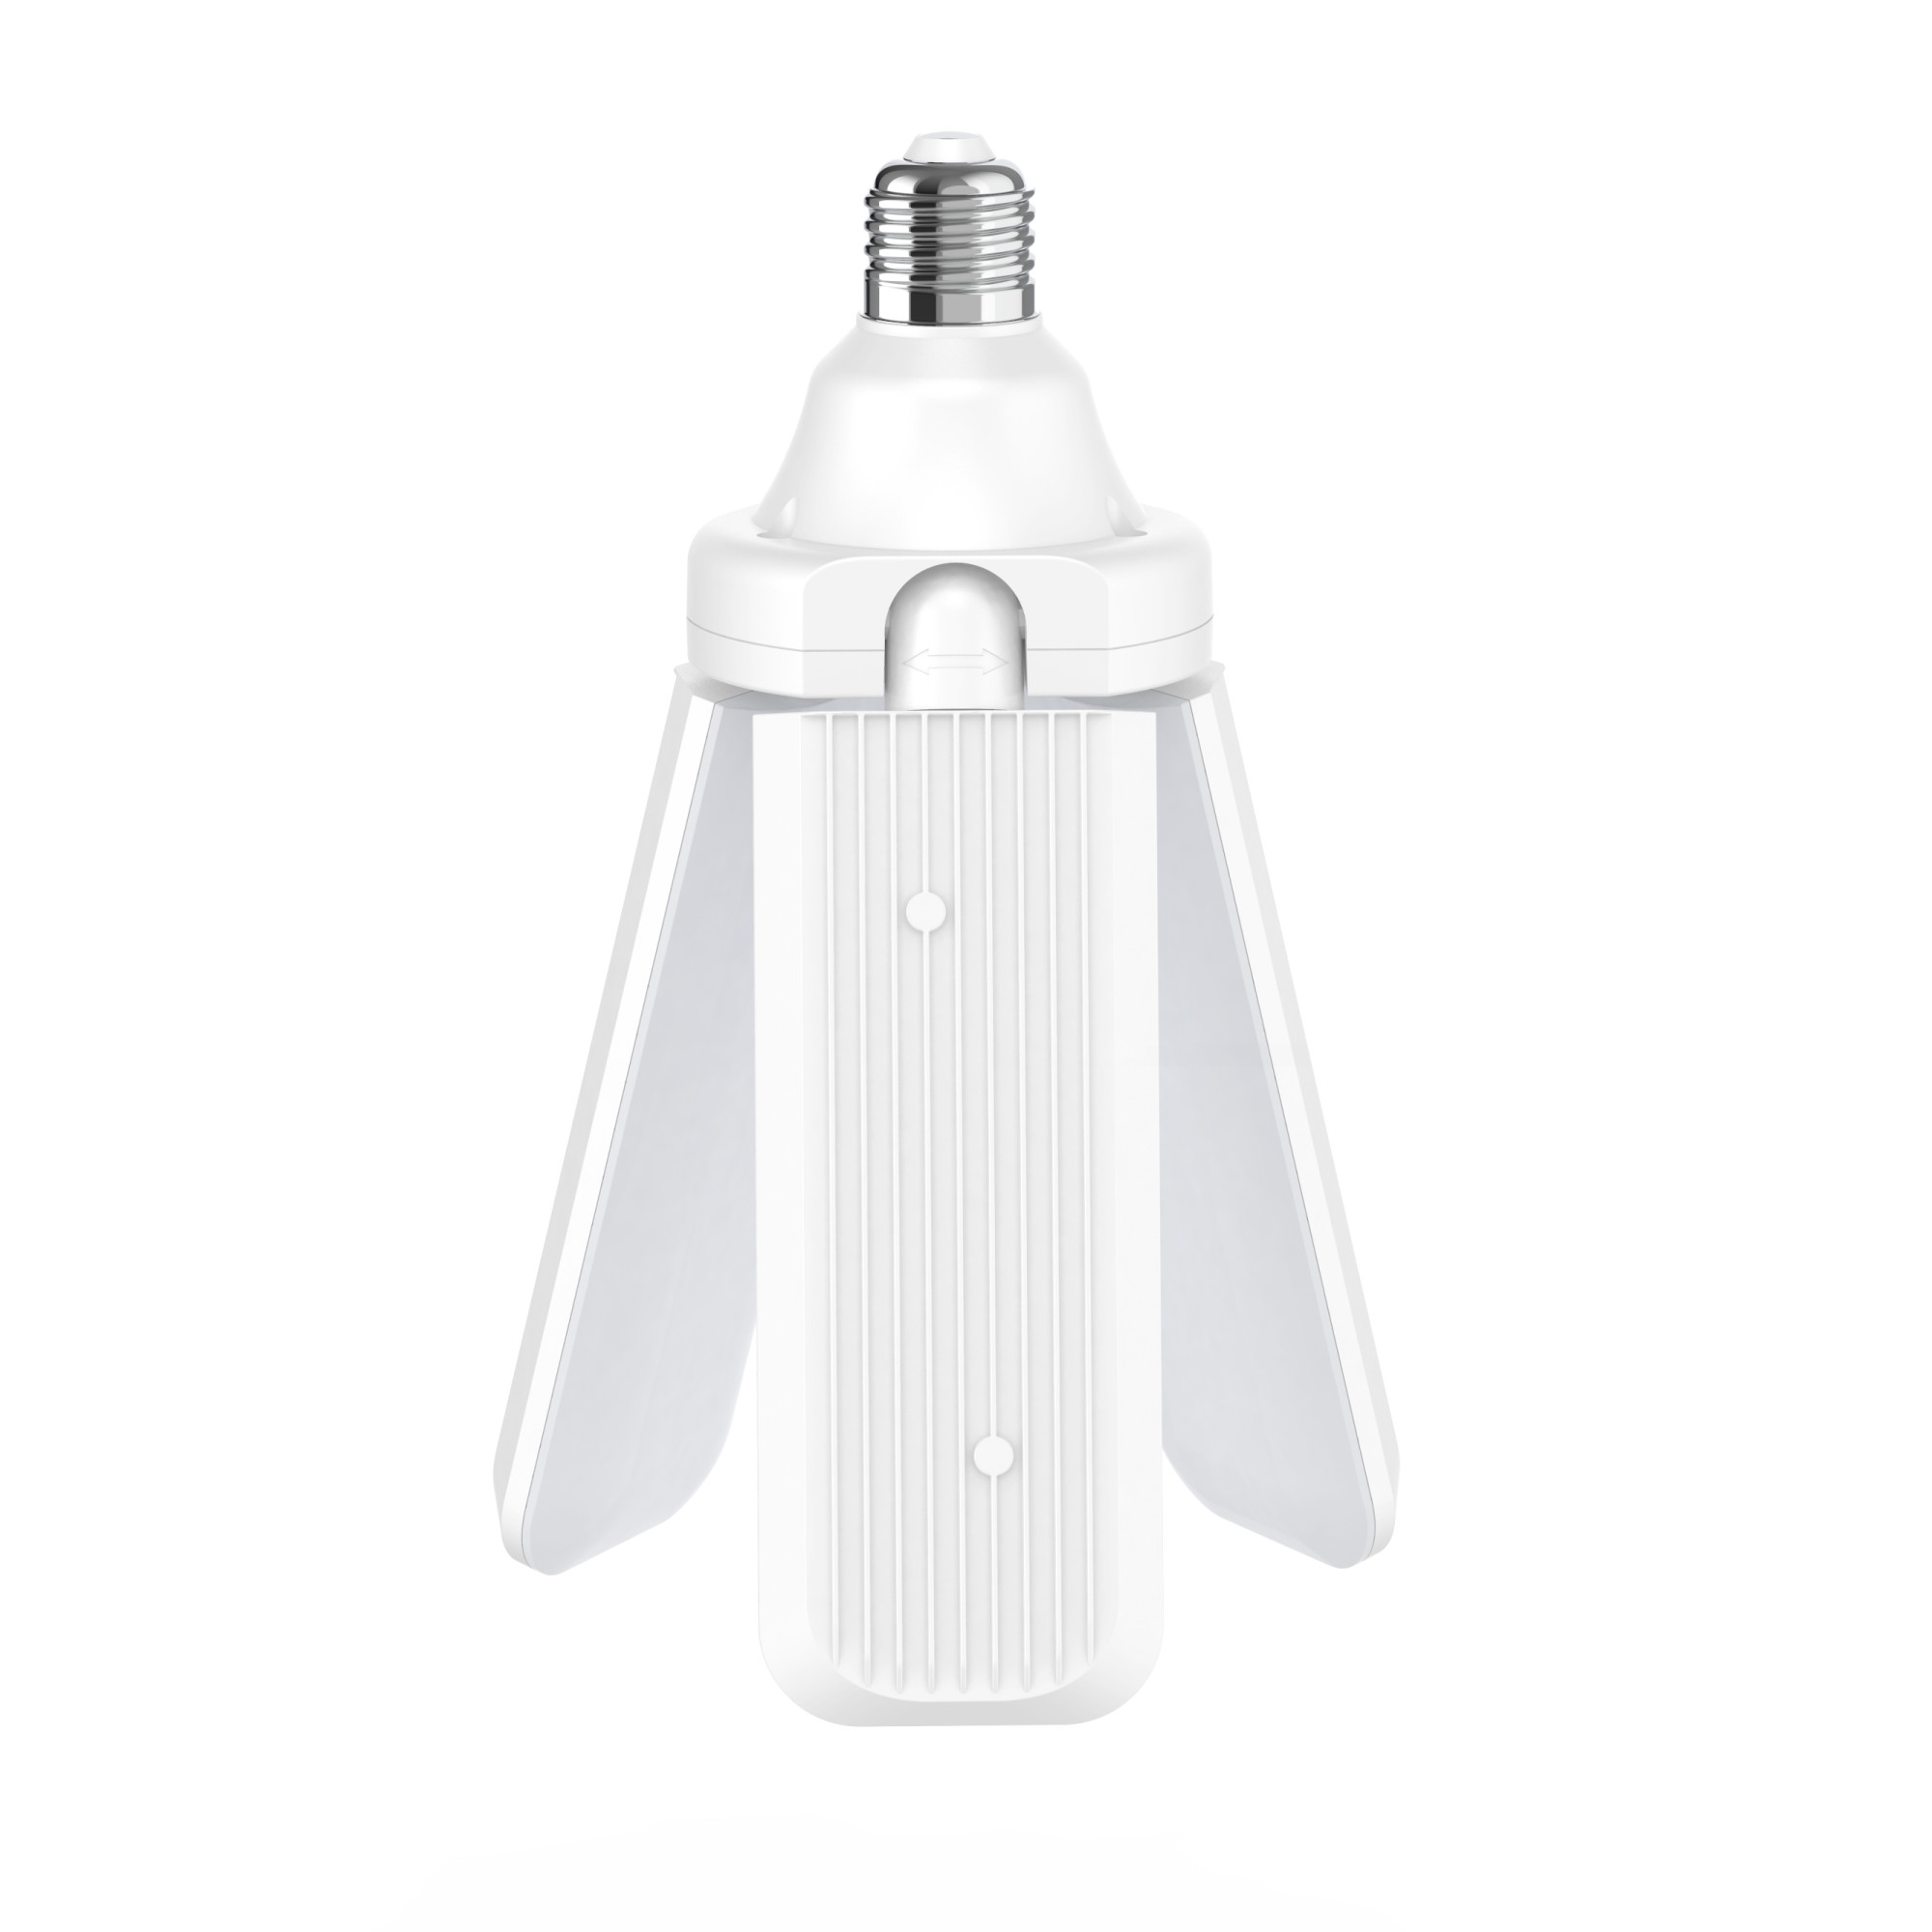 Лампа светодиодная Gauss Клевер-3 E27 230 В 22 Вт матовая 2100 лм нейтральный белый свет